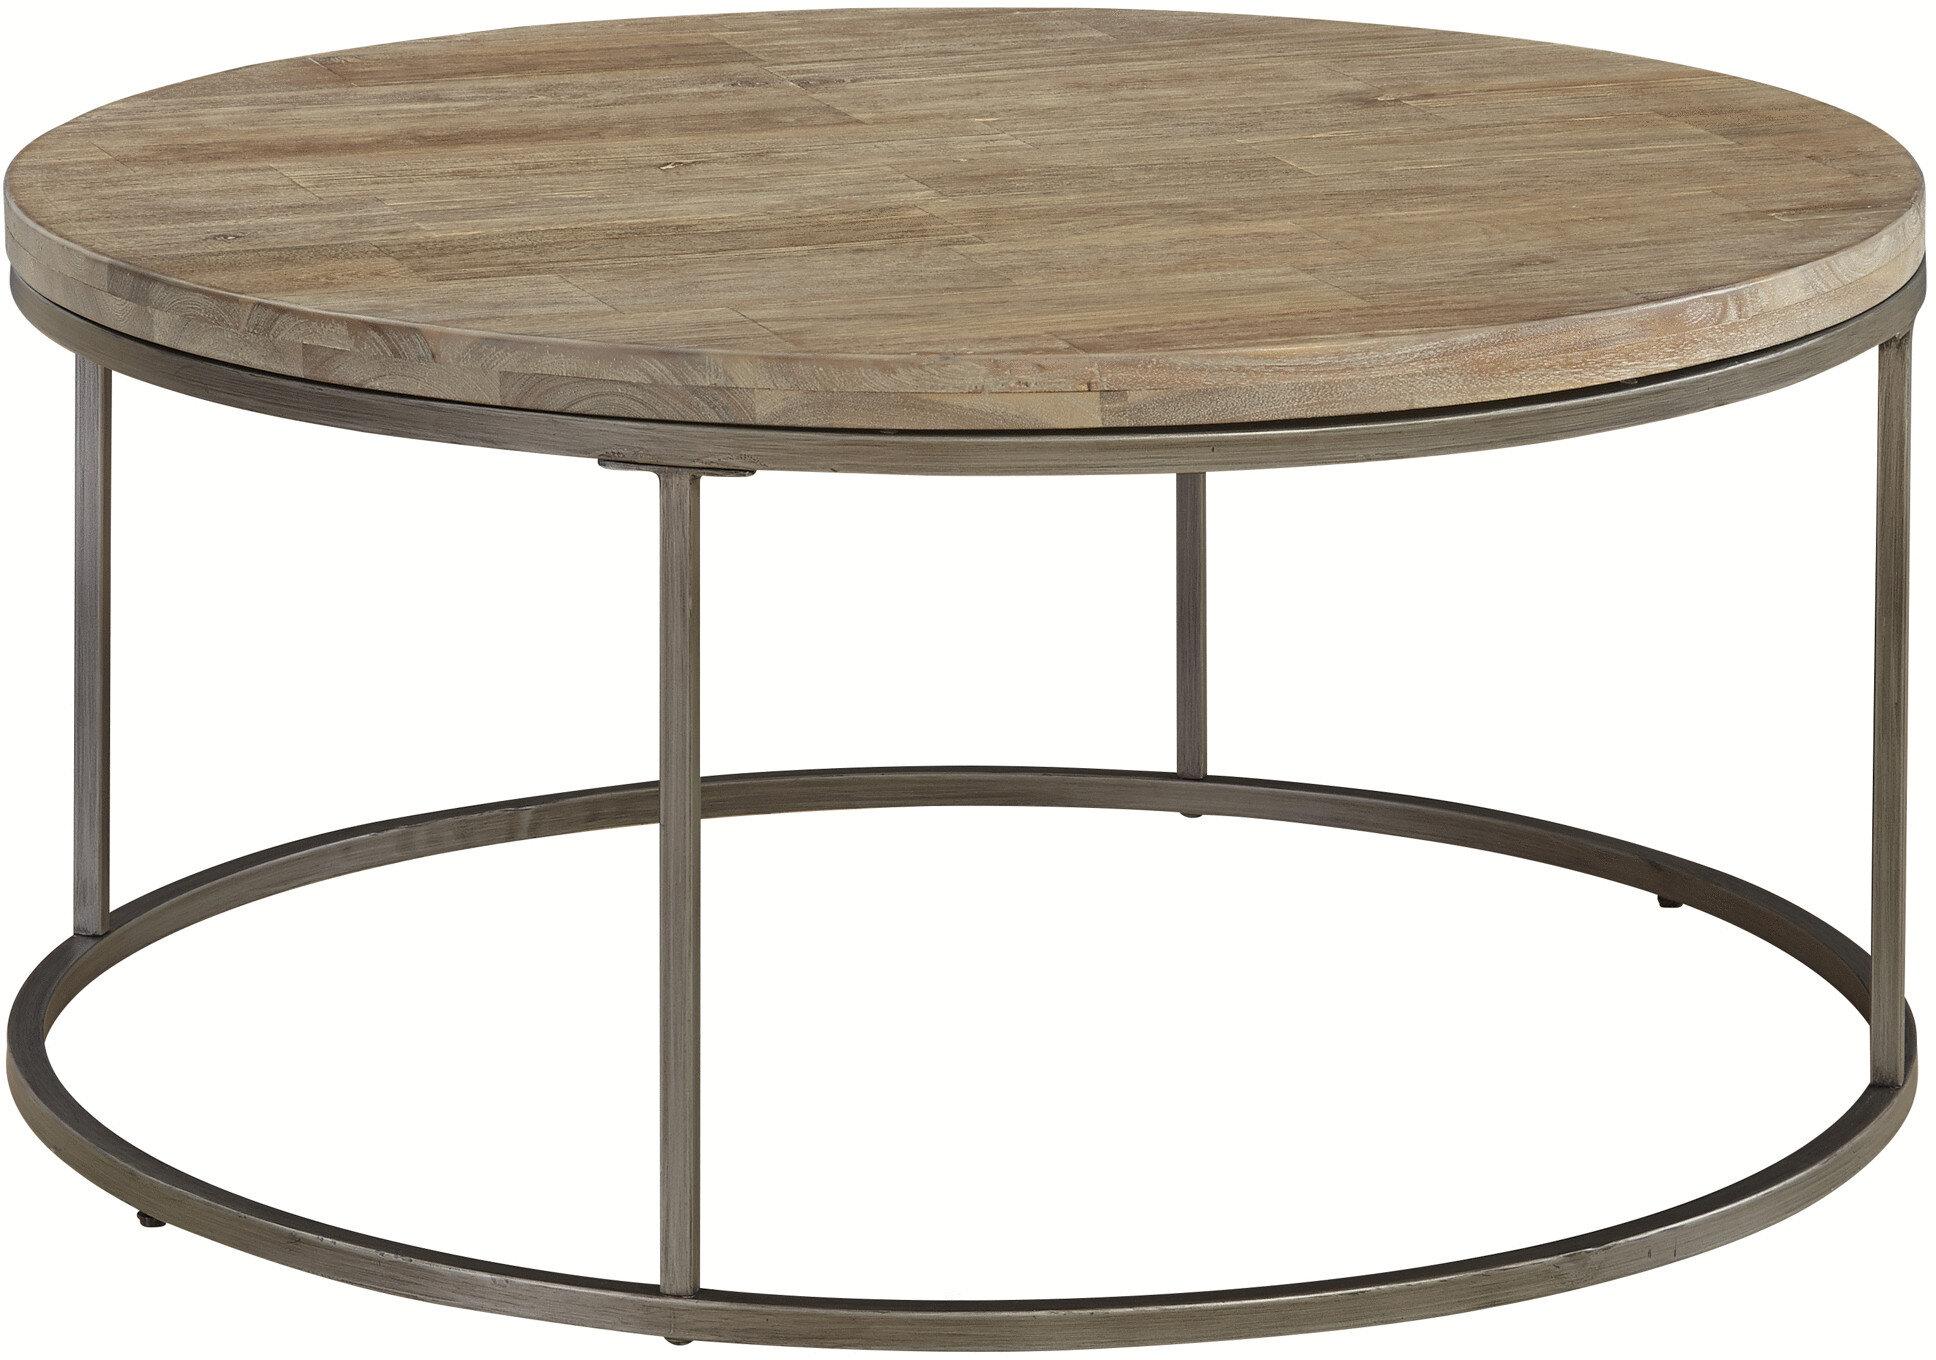 Fine Brayden Studio Louisa Coffee Table Andrewgaddart Wooden Chair Designs For Living Room Andrewgaddartcom